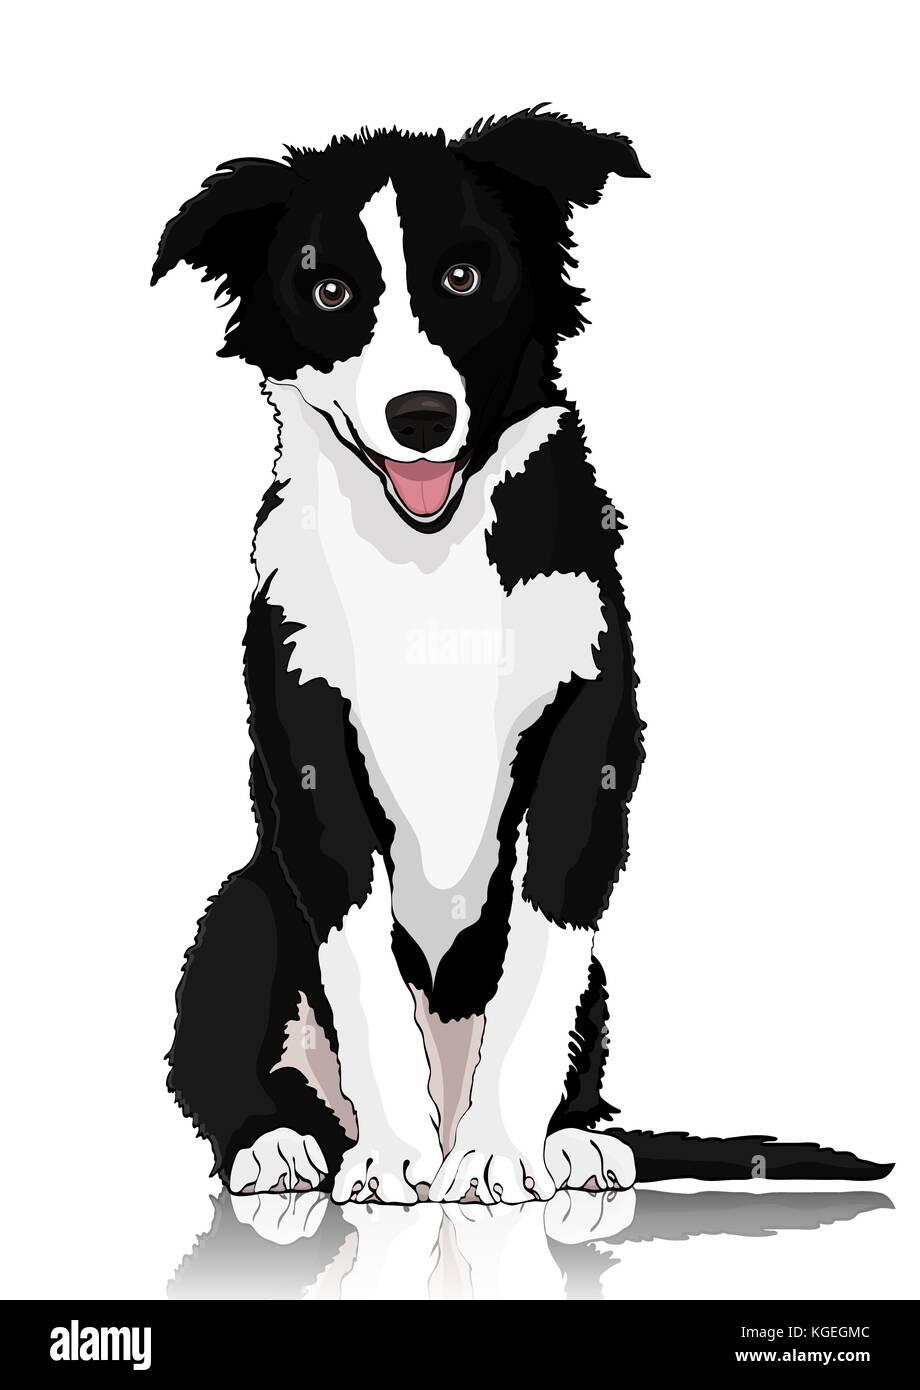 Perro Dibujo Vectorial Blanco Y Negro Cartoon Shaggy Dog De